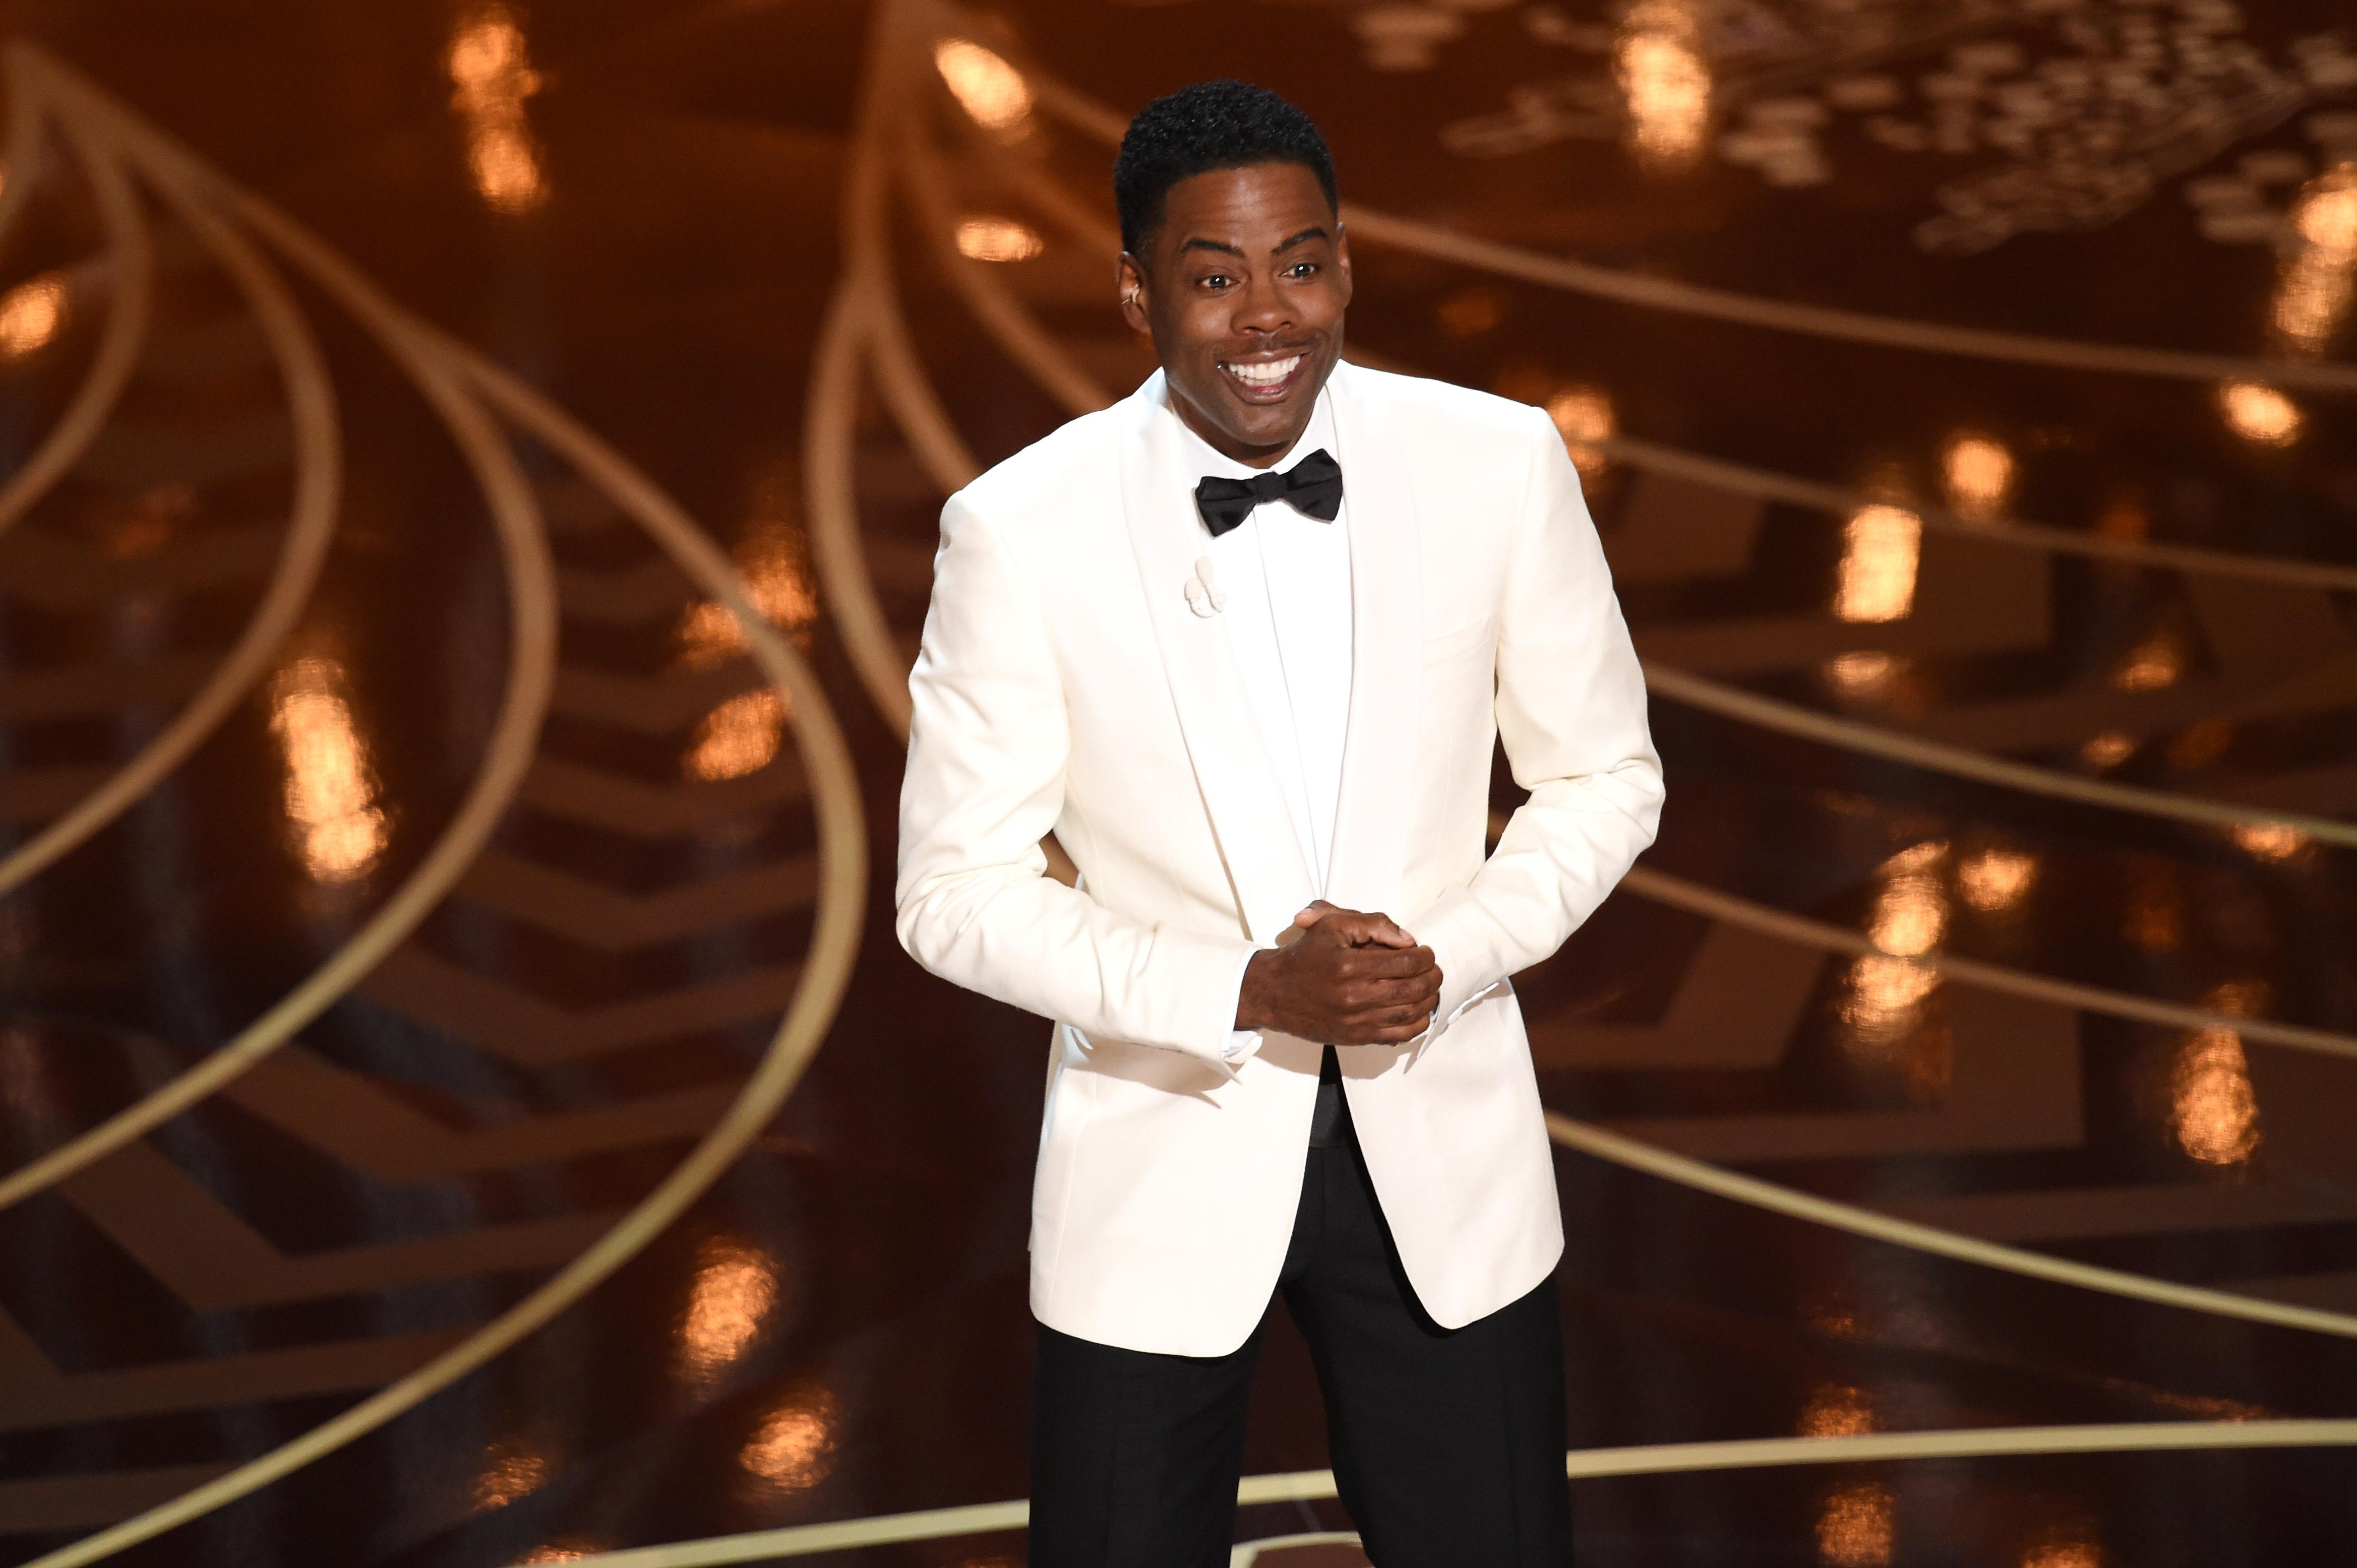 Oscars-Leonardo-DiCaprio-Spotlight-Win-Big-Chris-Rock-Comes-Out-Swinging